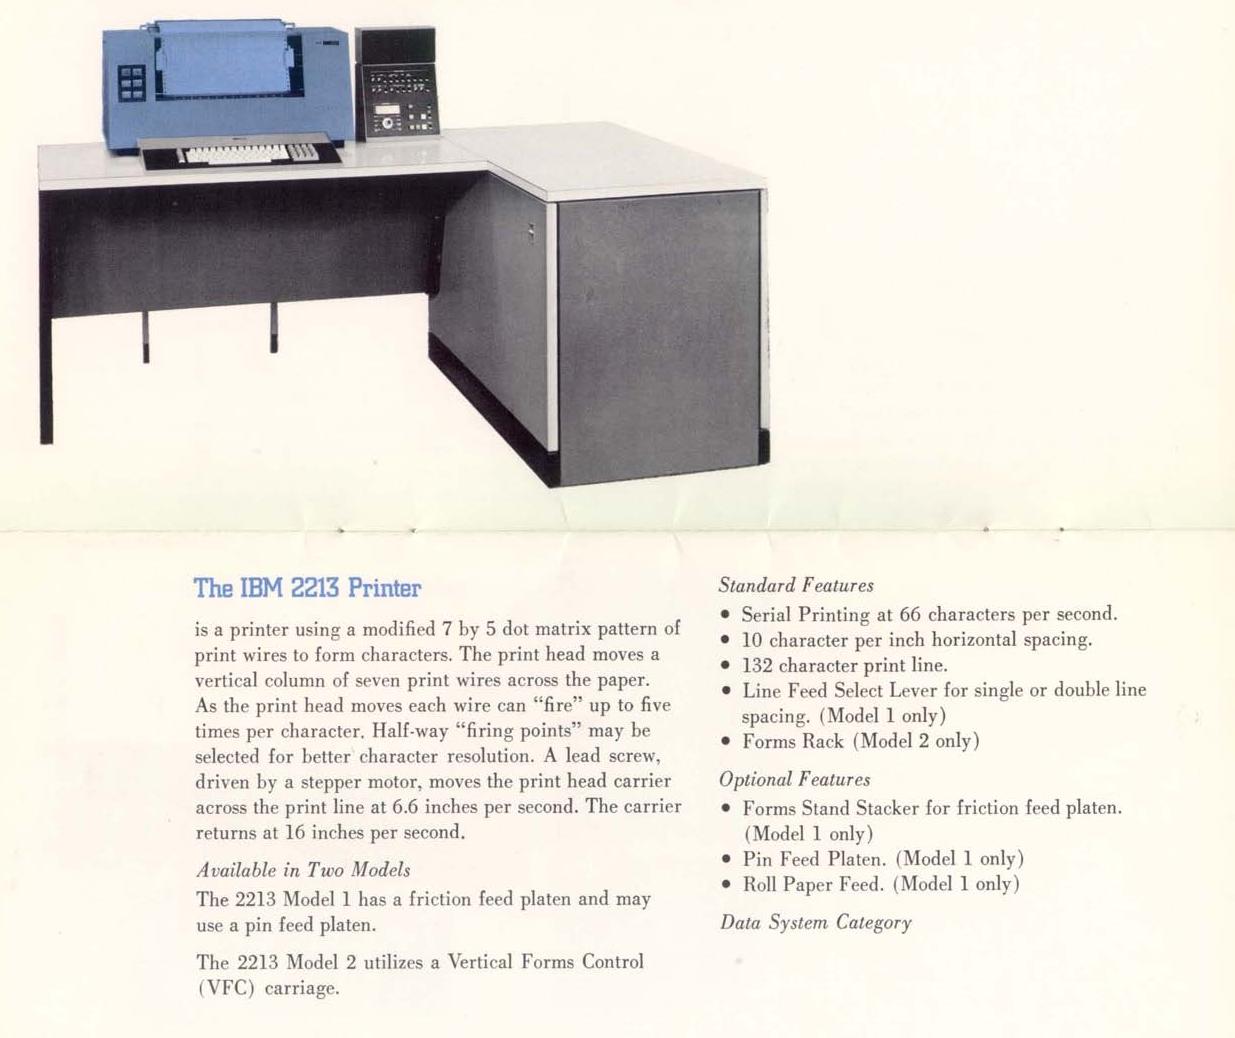 2213-printer.png